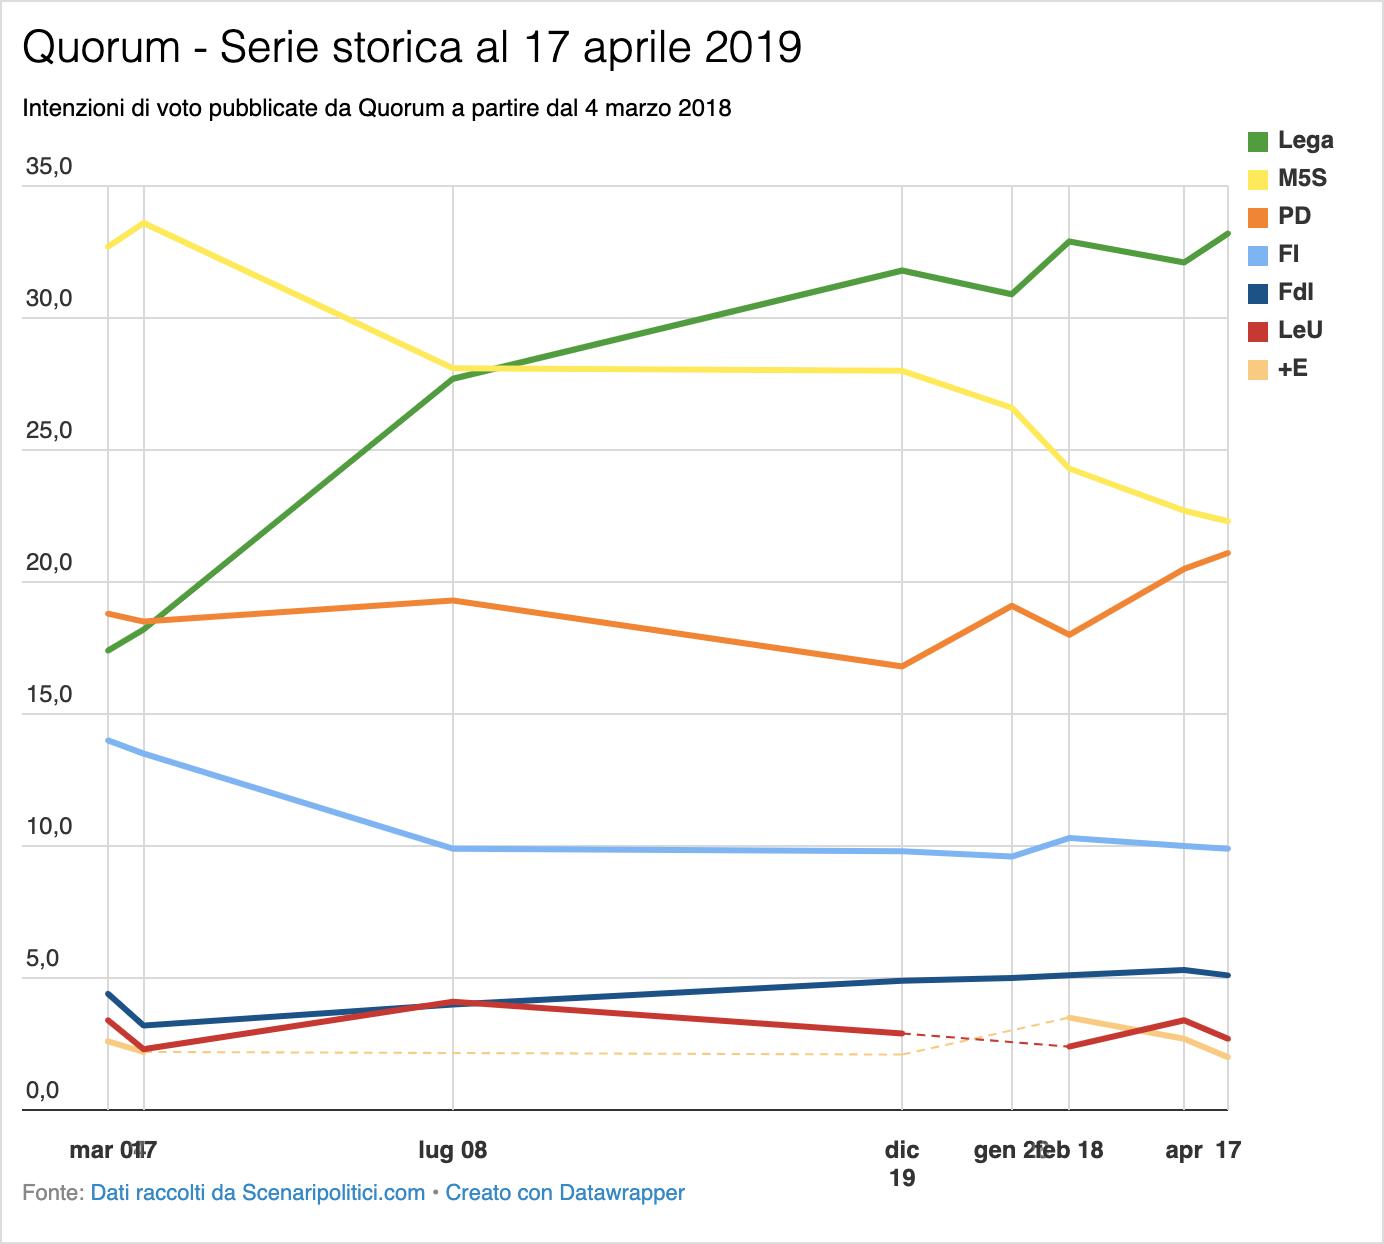 Sondaggio Quorum 17 aprile 2019